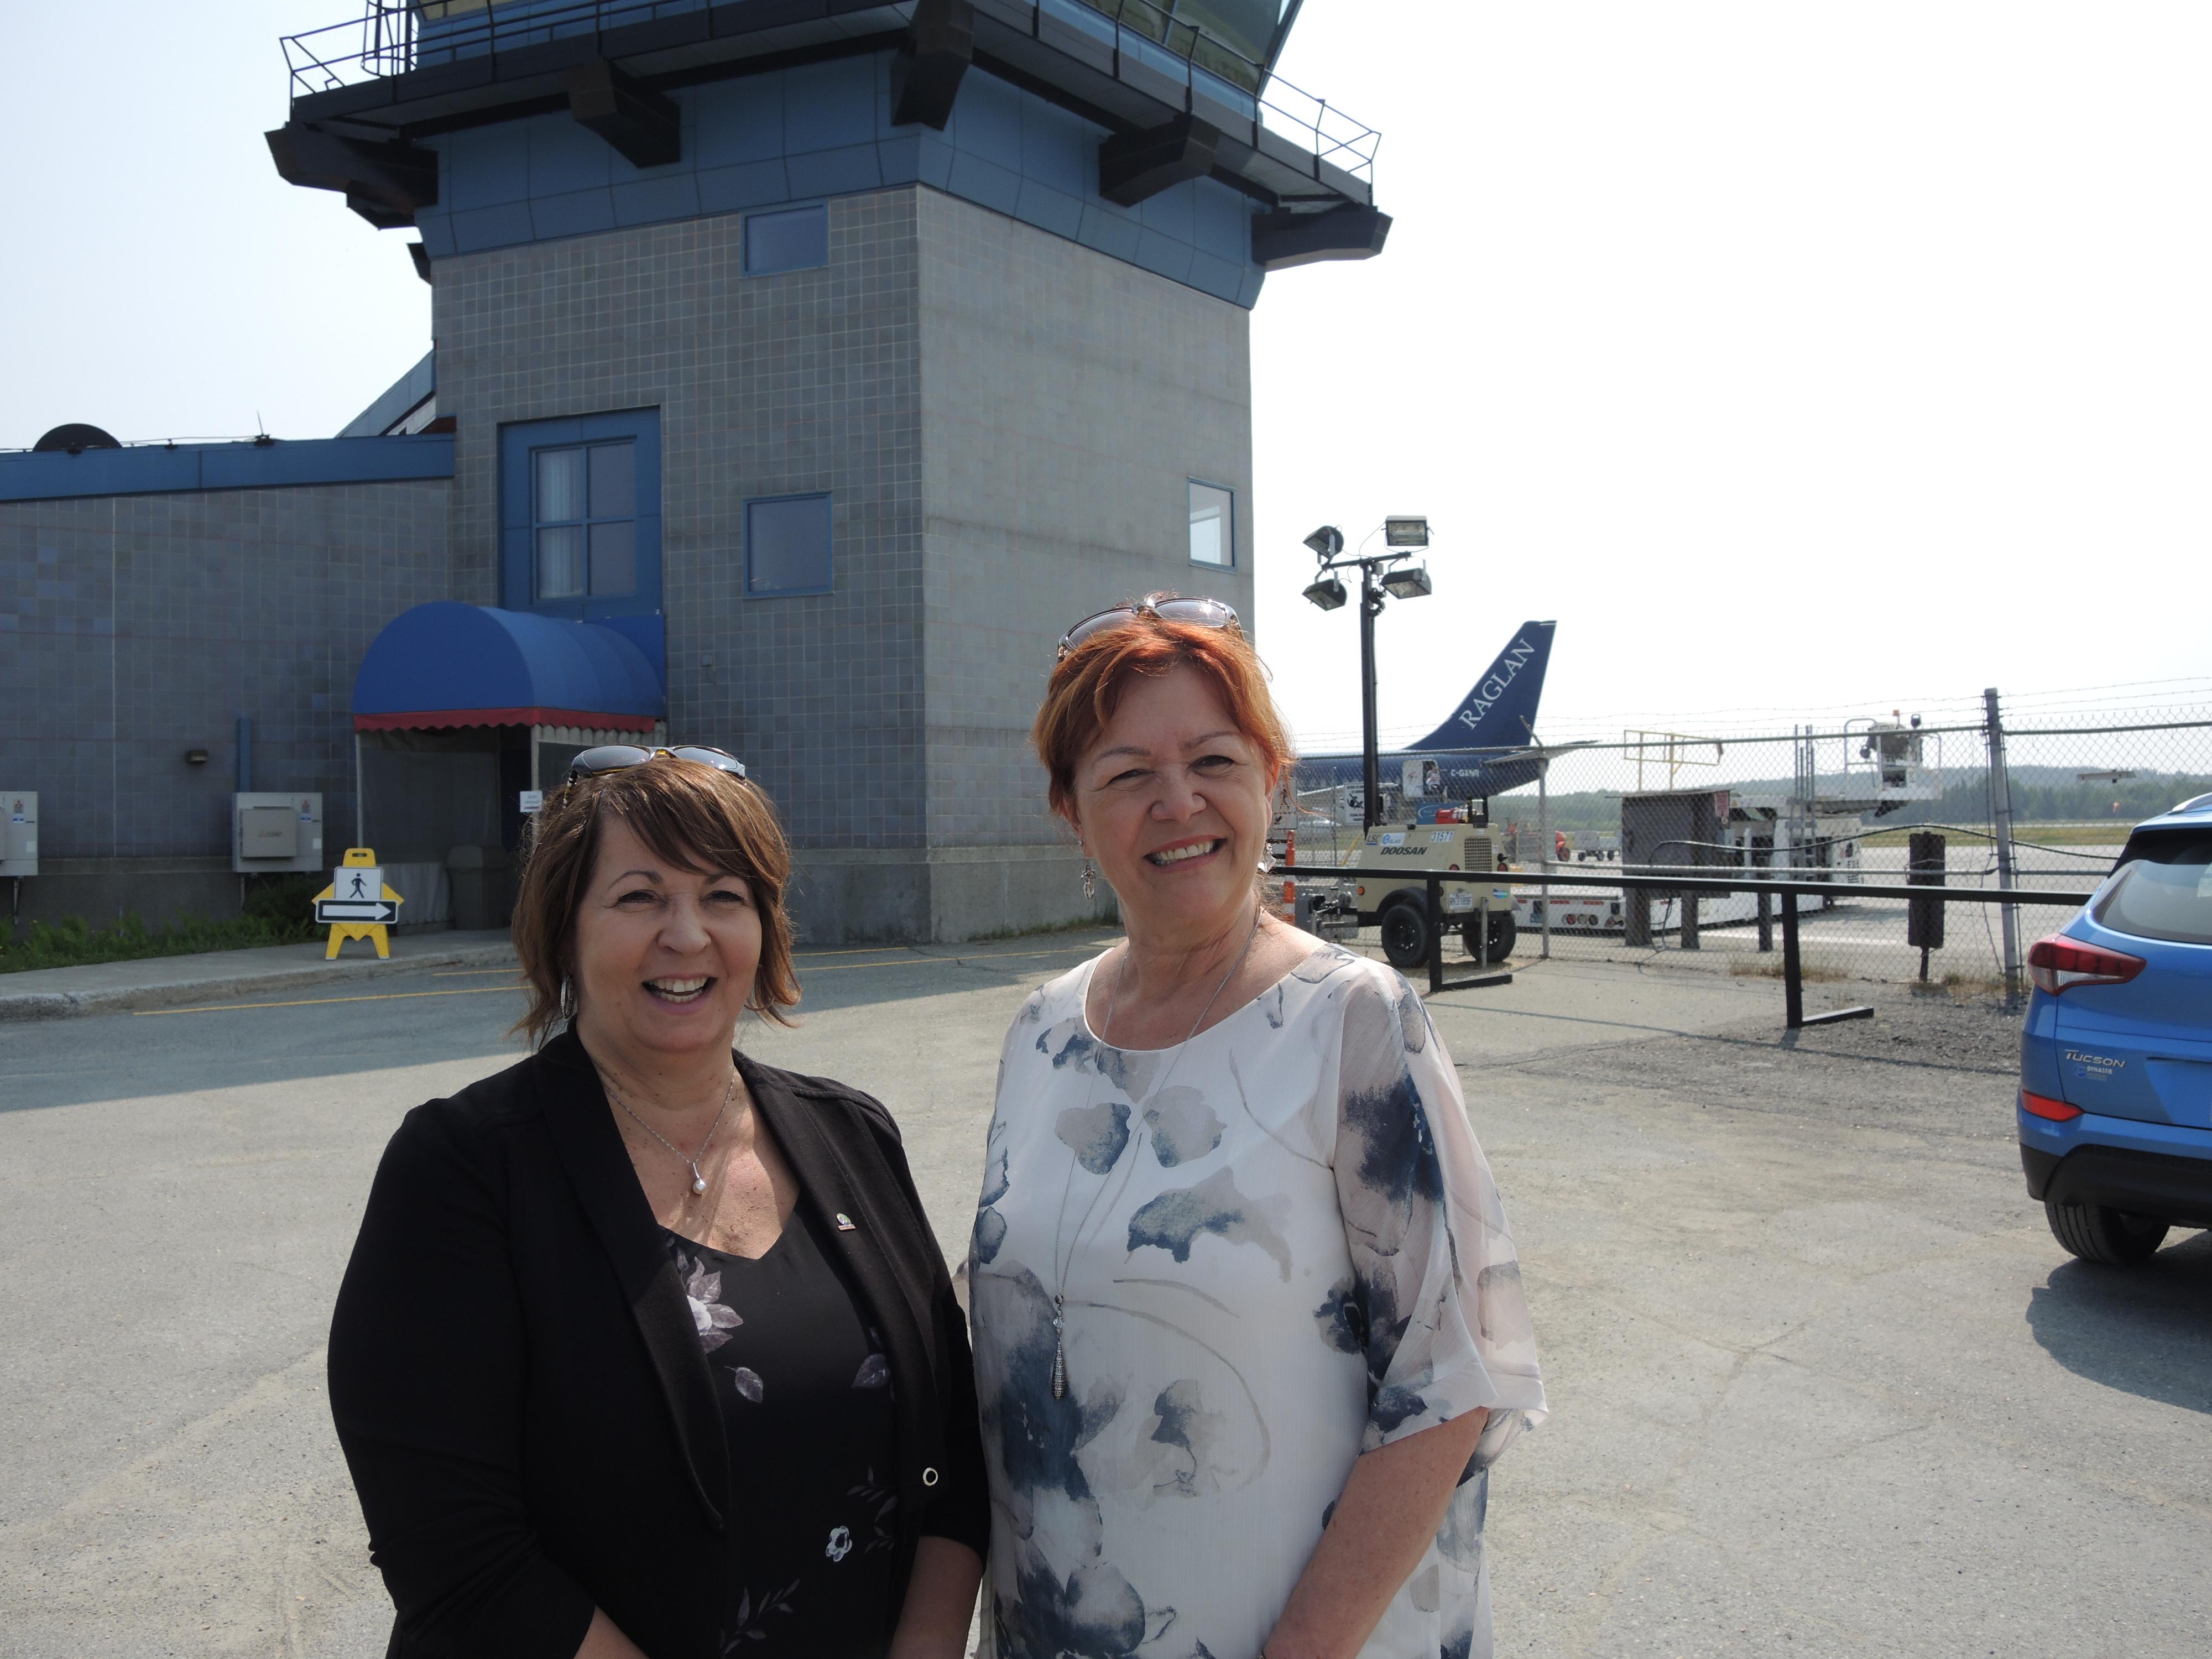 Marie-reine robert Diane Dallaire rouyn-Noranda aeroport